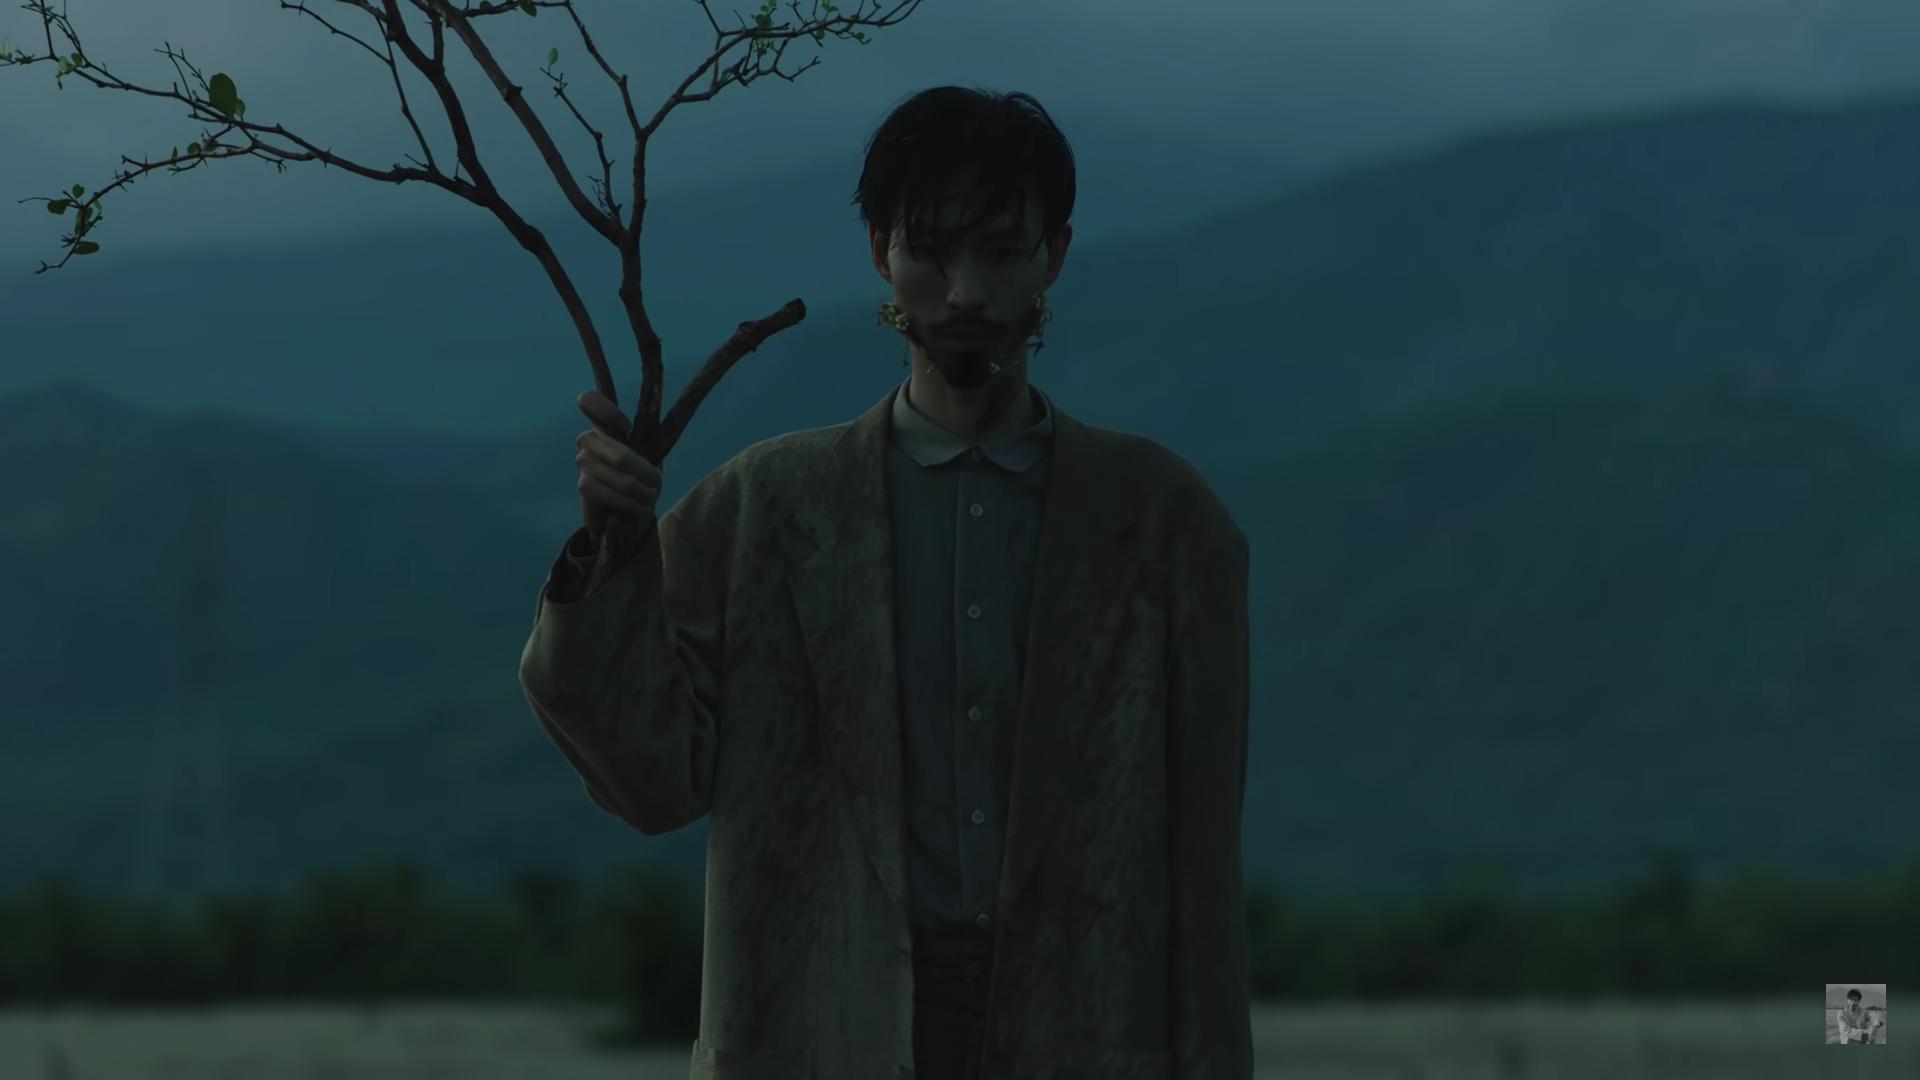 """Khám phá đồng cỏ đẹp như thảo nguyên trong MV """"Trốn tìm"""" của Đen Vâu - 6"""